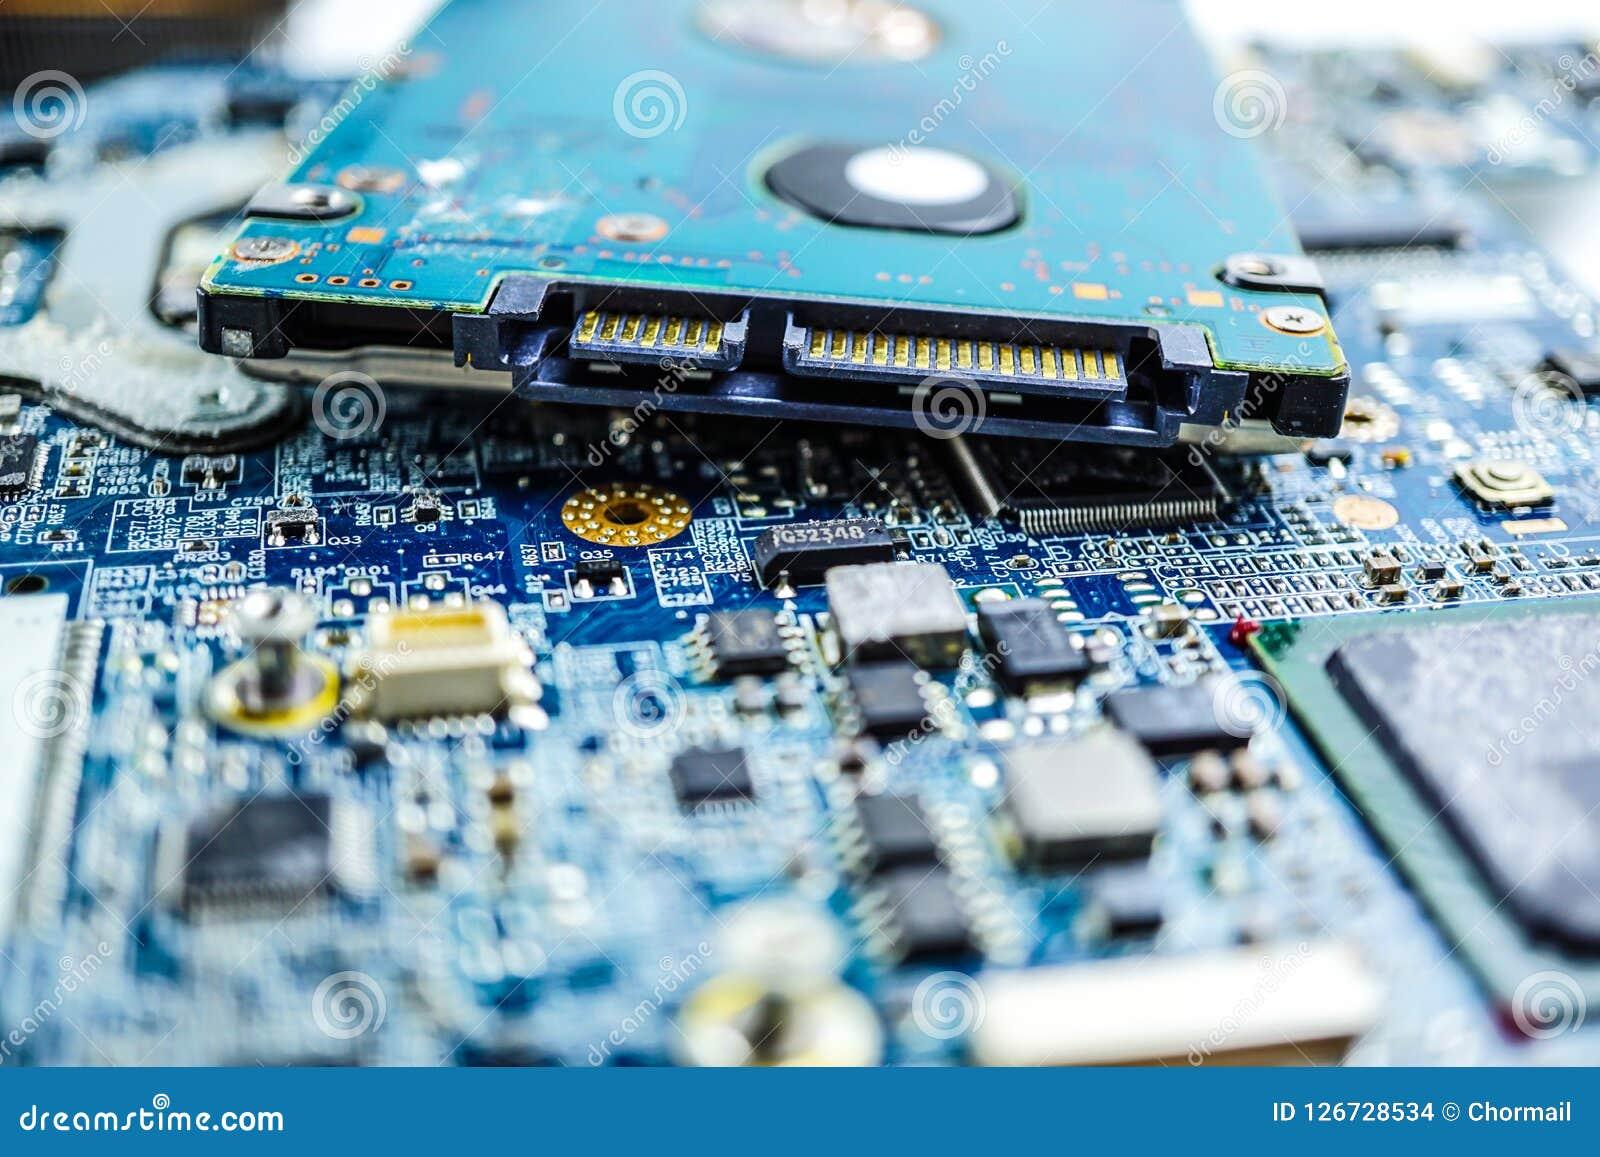 Komputerowego obwodu jednostki centralnej układu scalonego mainboard sedna procesoru elektronika przyrząd